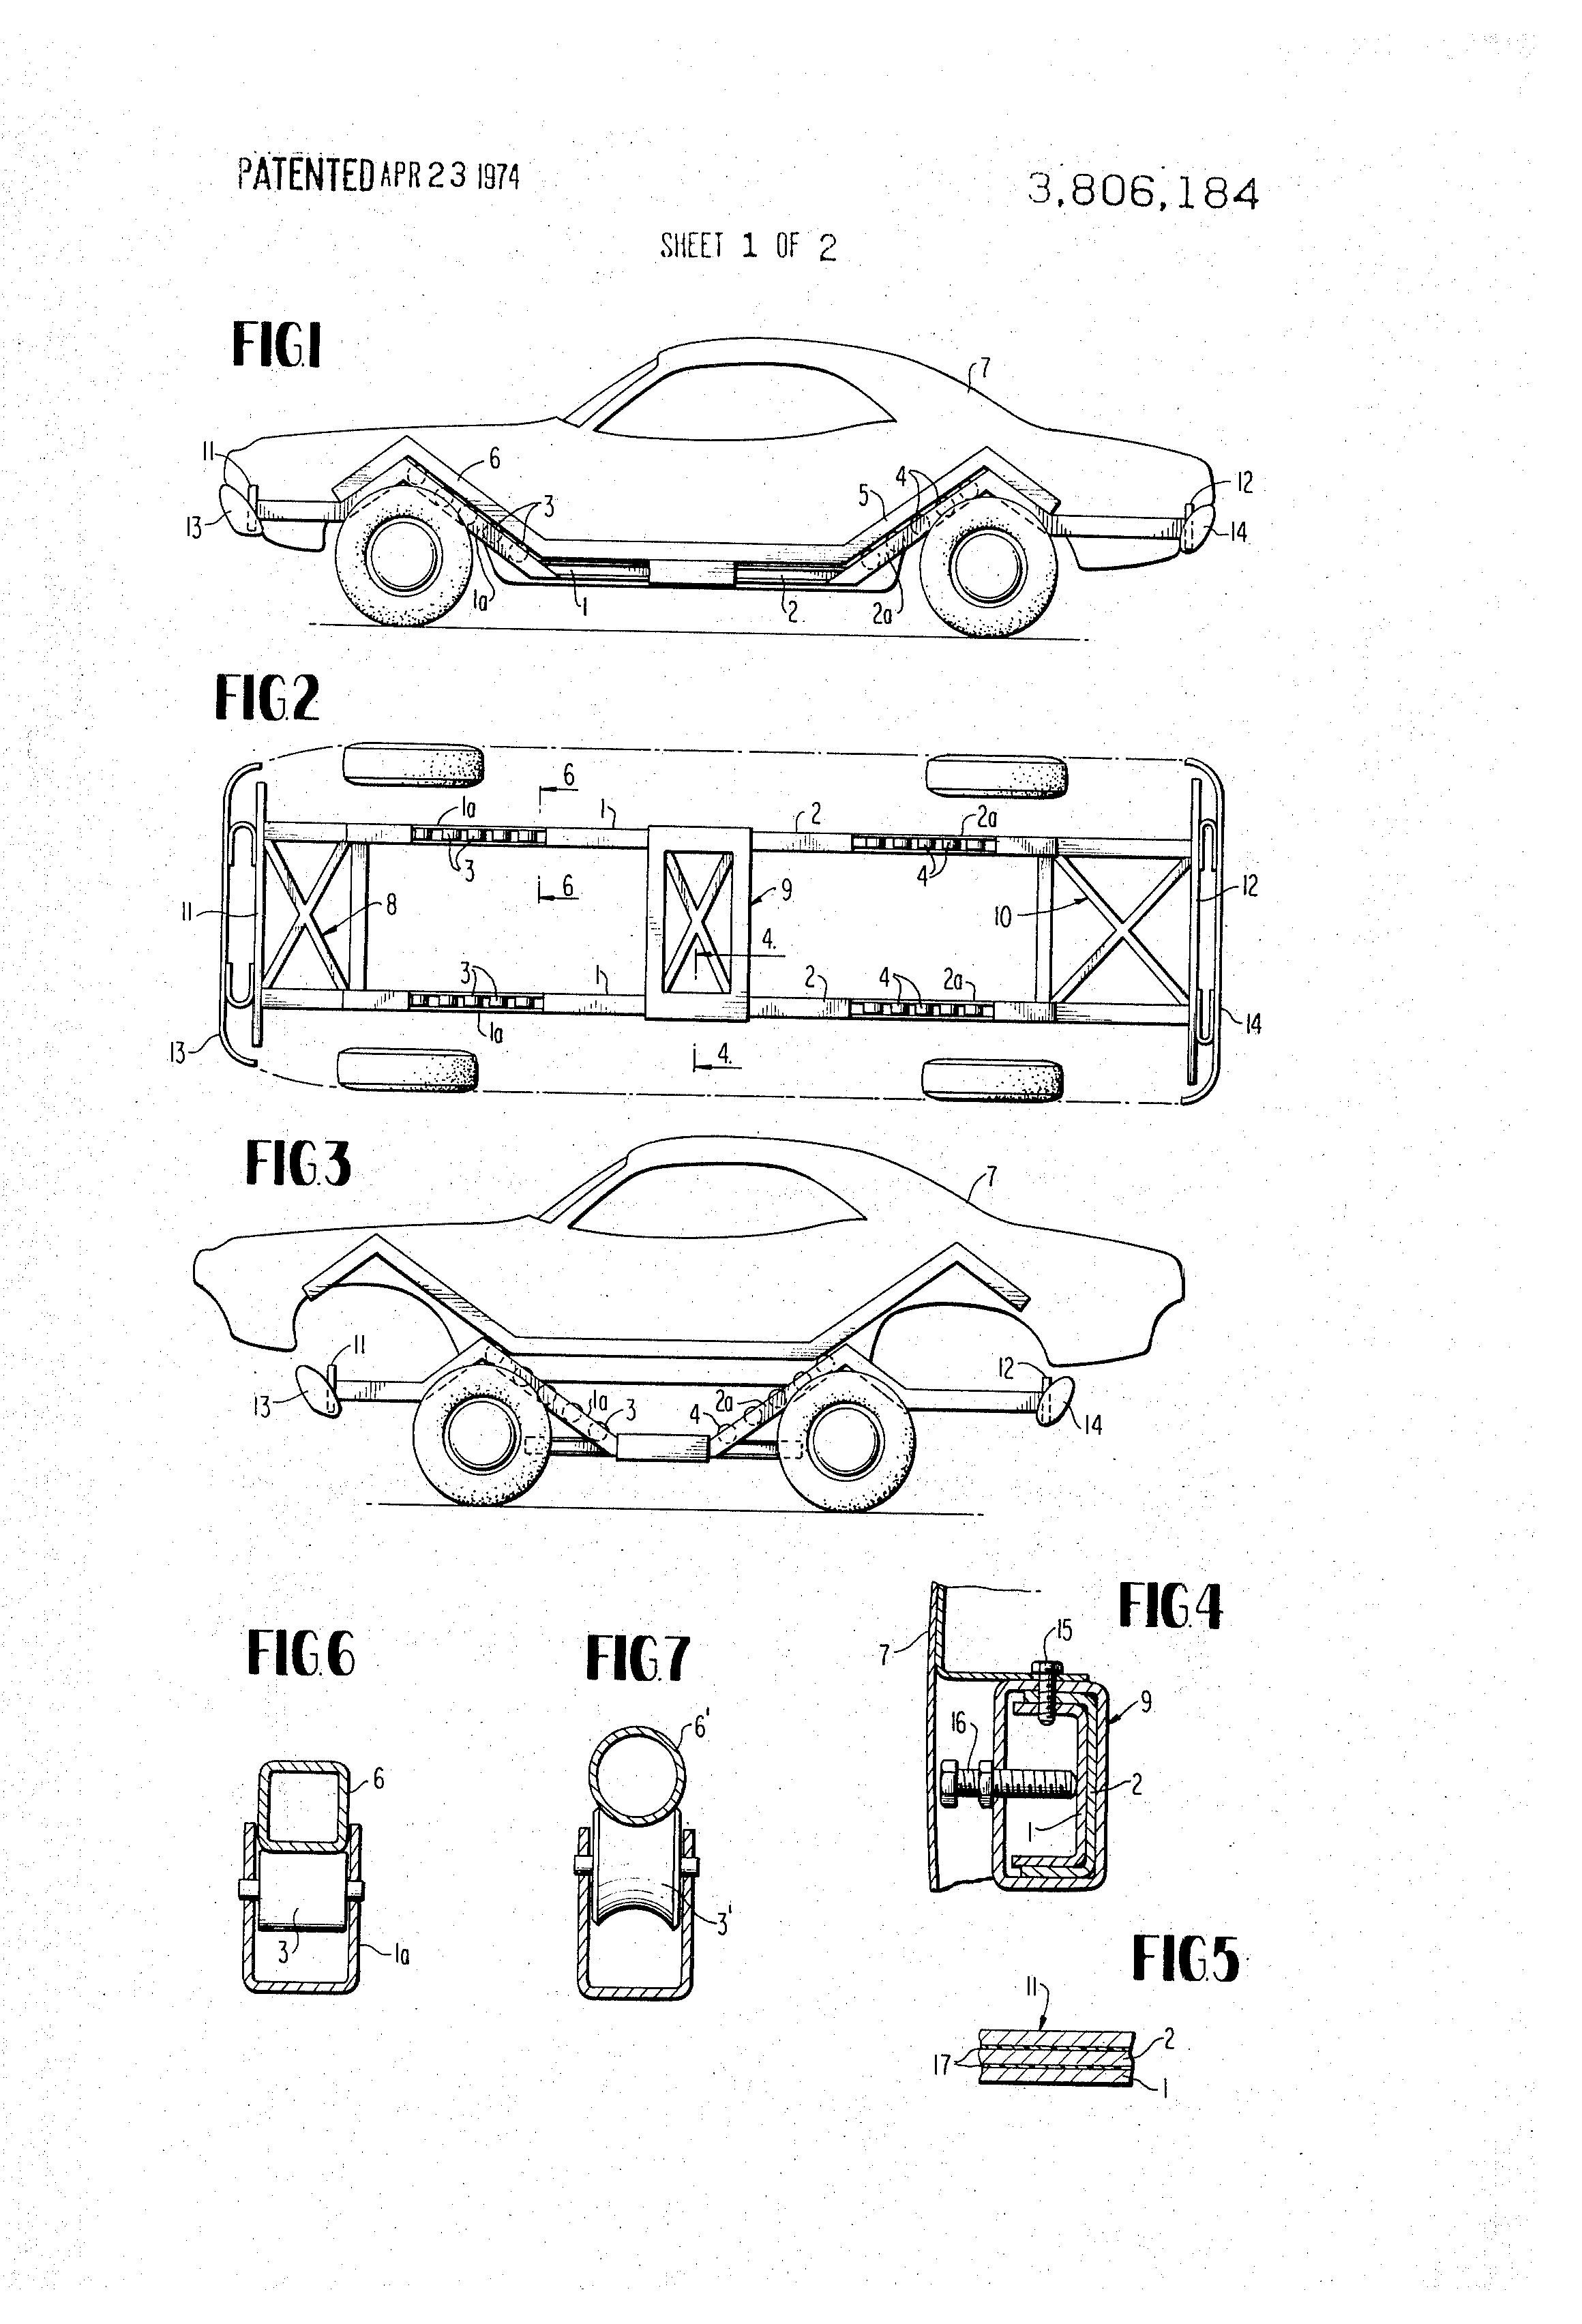 براءة الاختراع US3806184 - Vehicle chassis frame - براءات